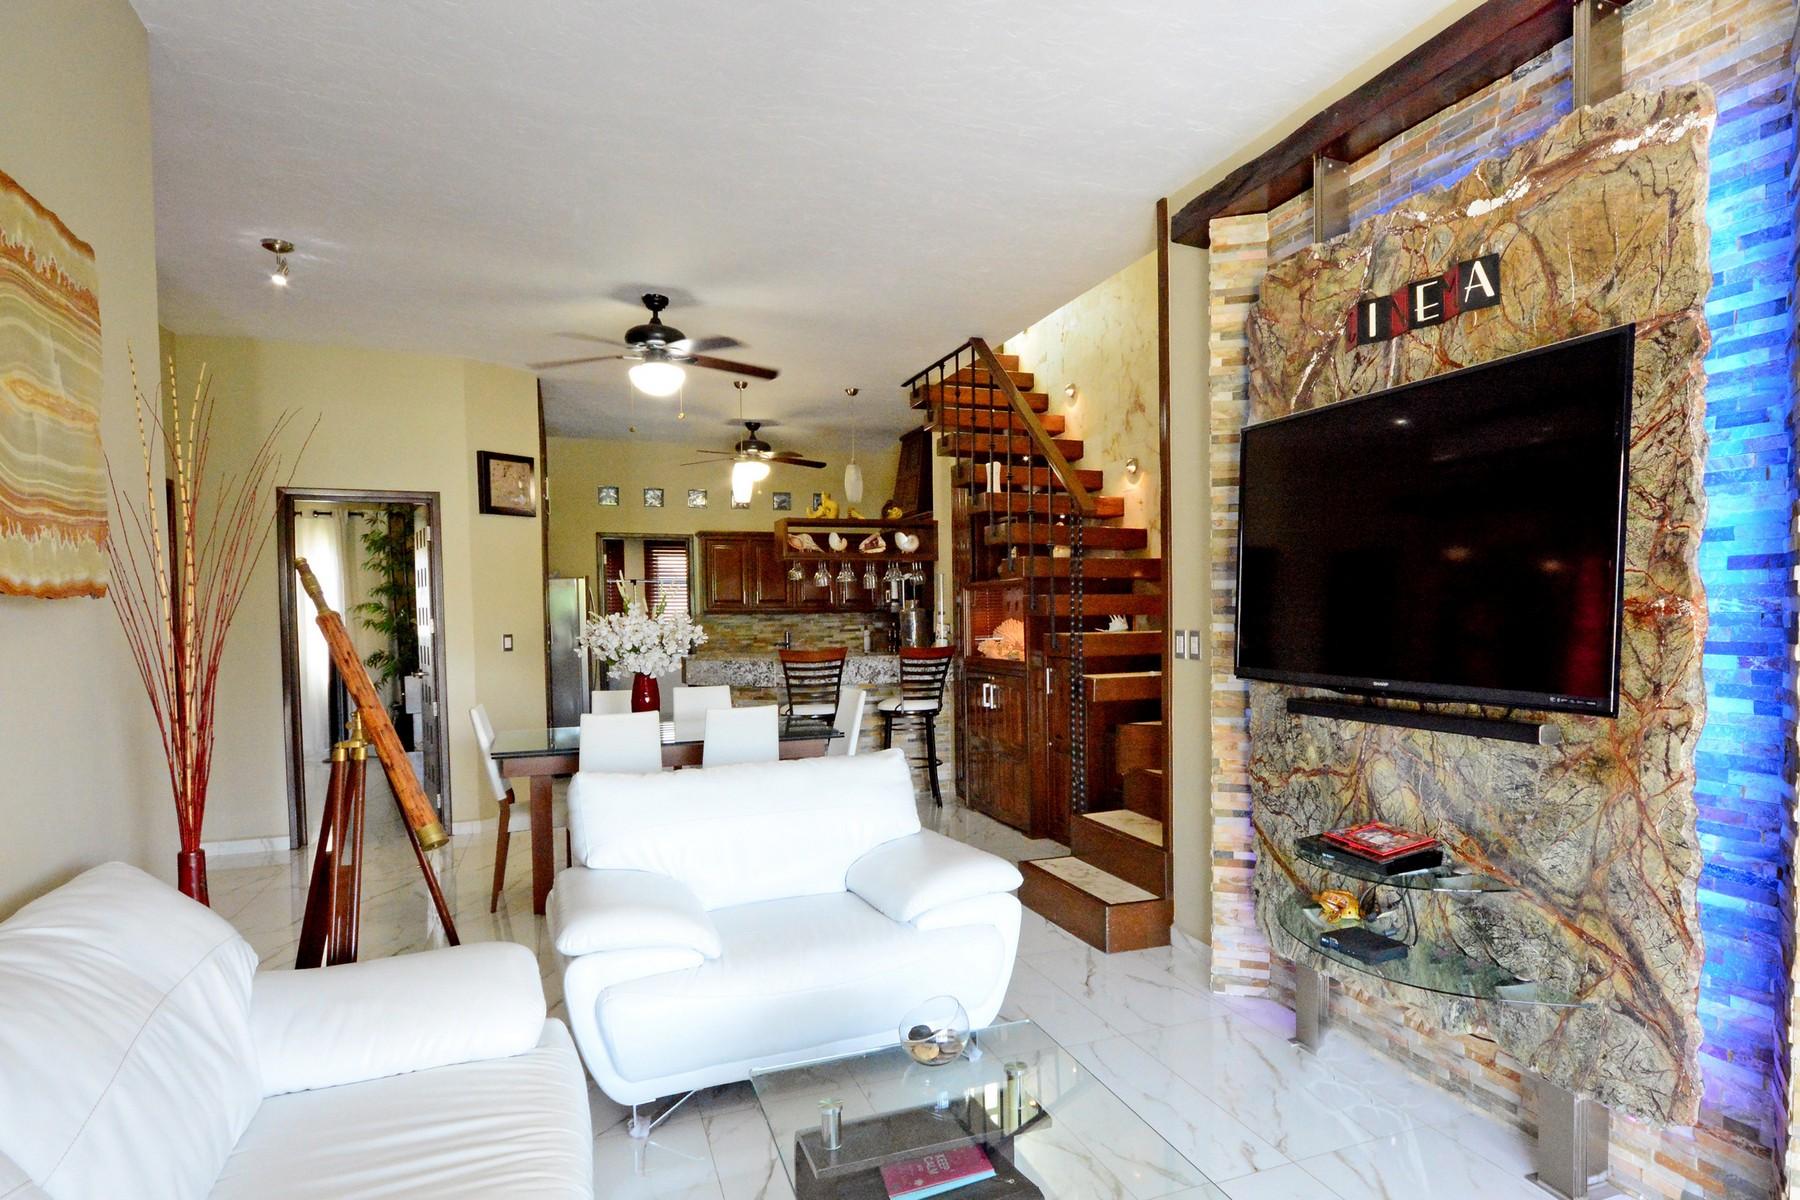 Condomínio para Venda às THREE BEDROOM LAS OLAS PENTHOUSE Three Bedroom Las Olas Penthouse 1st Ave. North Playa Del Carmen, Quintana Roo, 77710 México